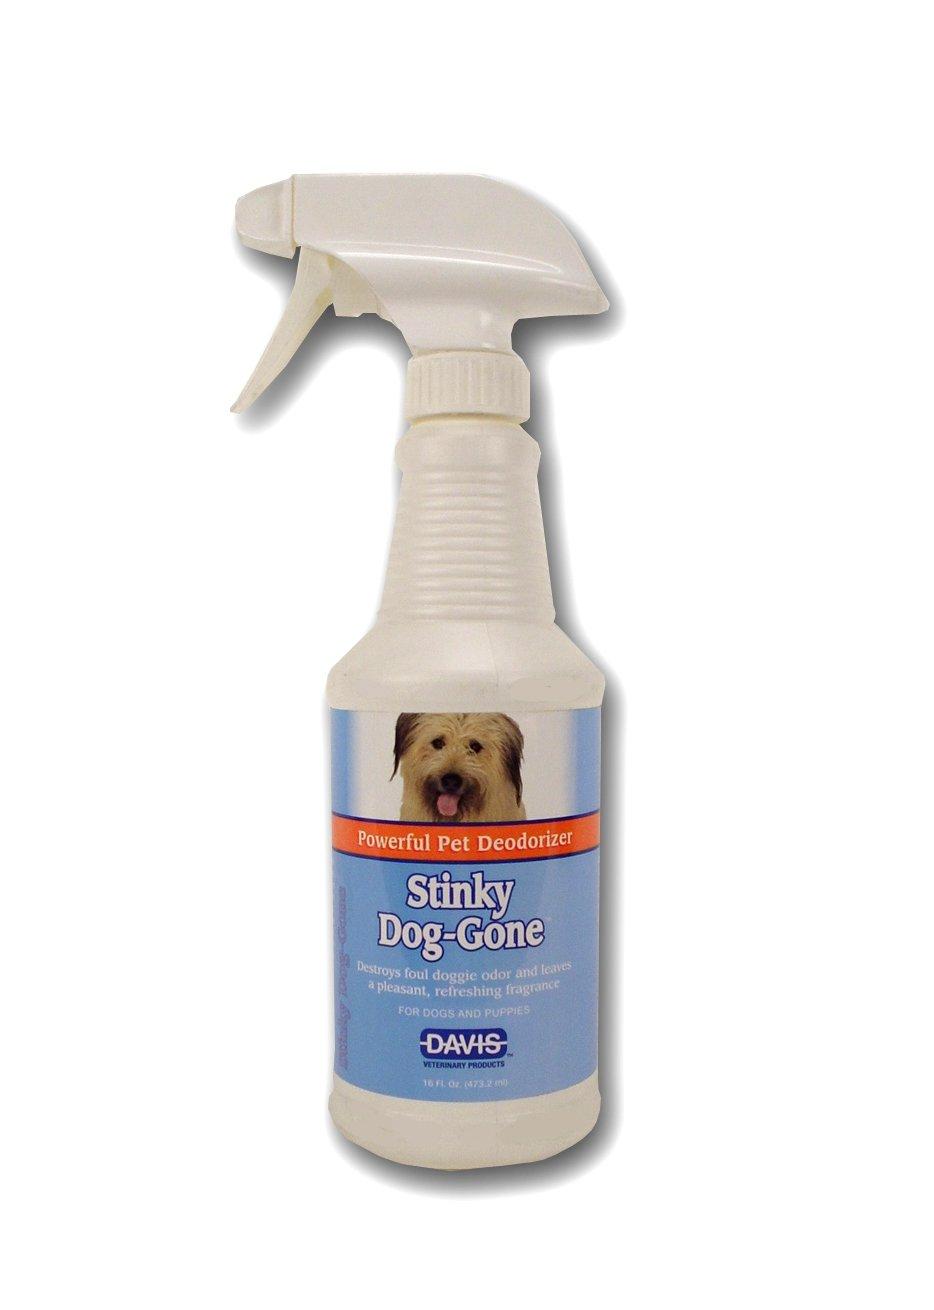 Davis Stinky Dog-Gone Deodorizer, 16 oz